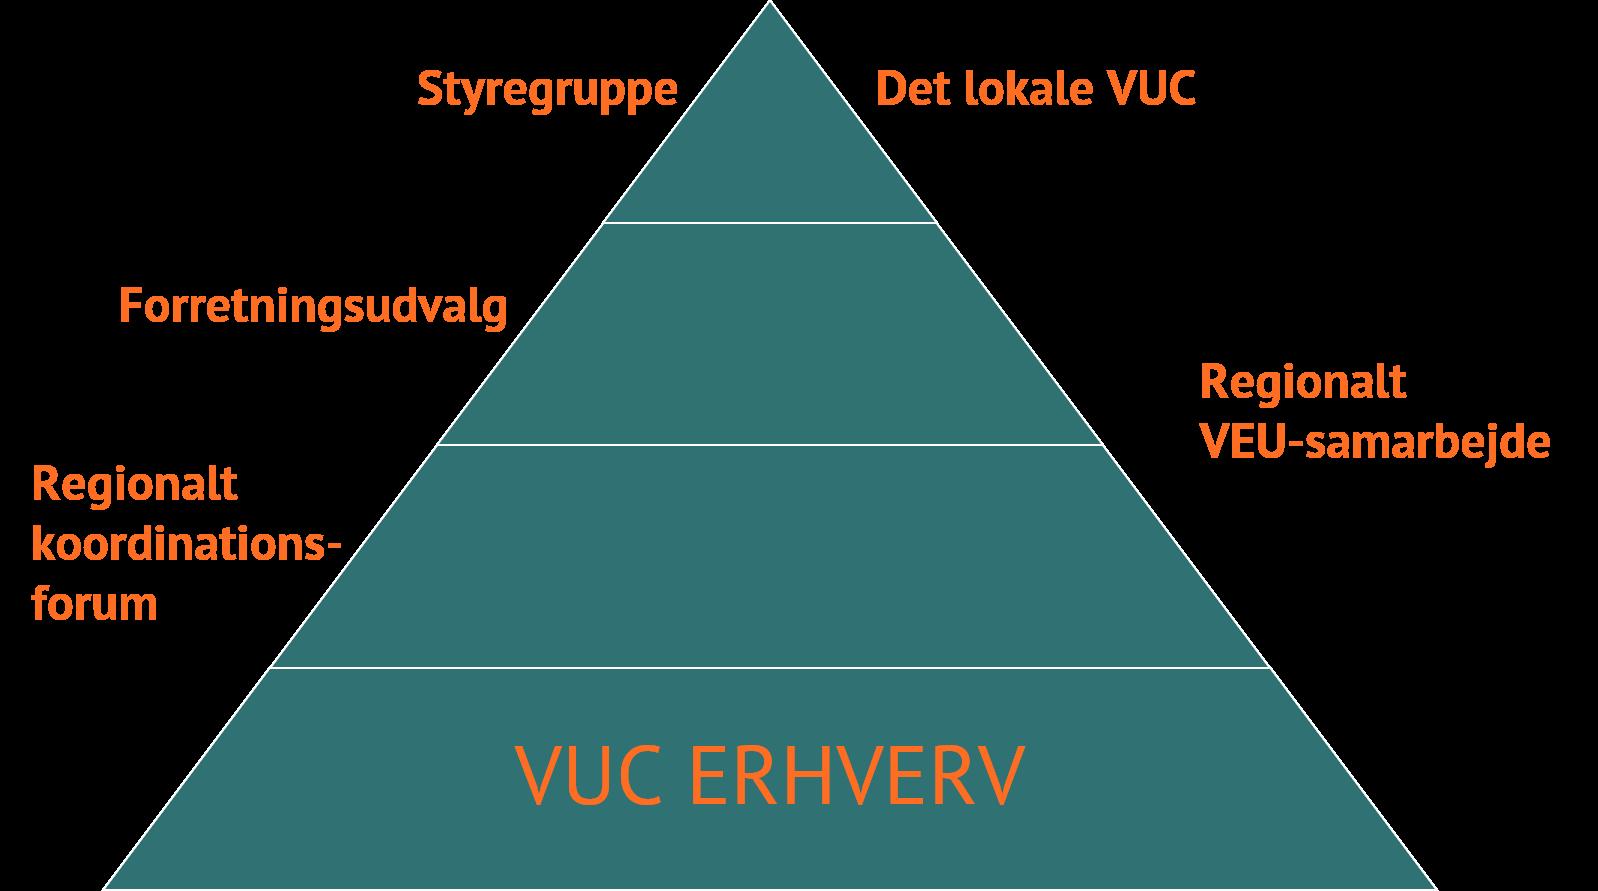 Billede af VUC ERHVERVs organisering